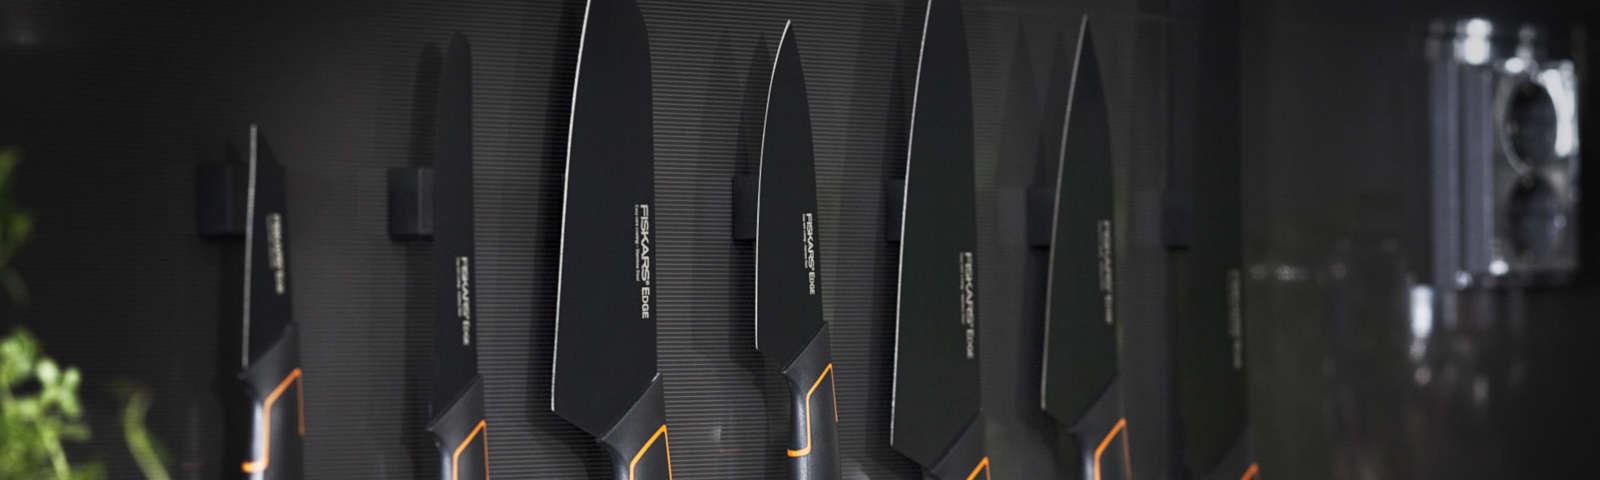 ножи с антипригарным покрытием фото